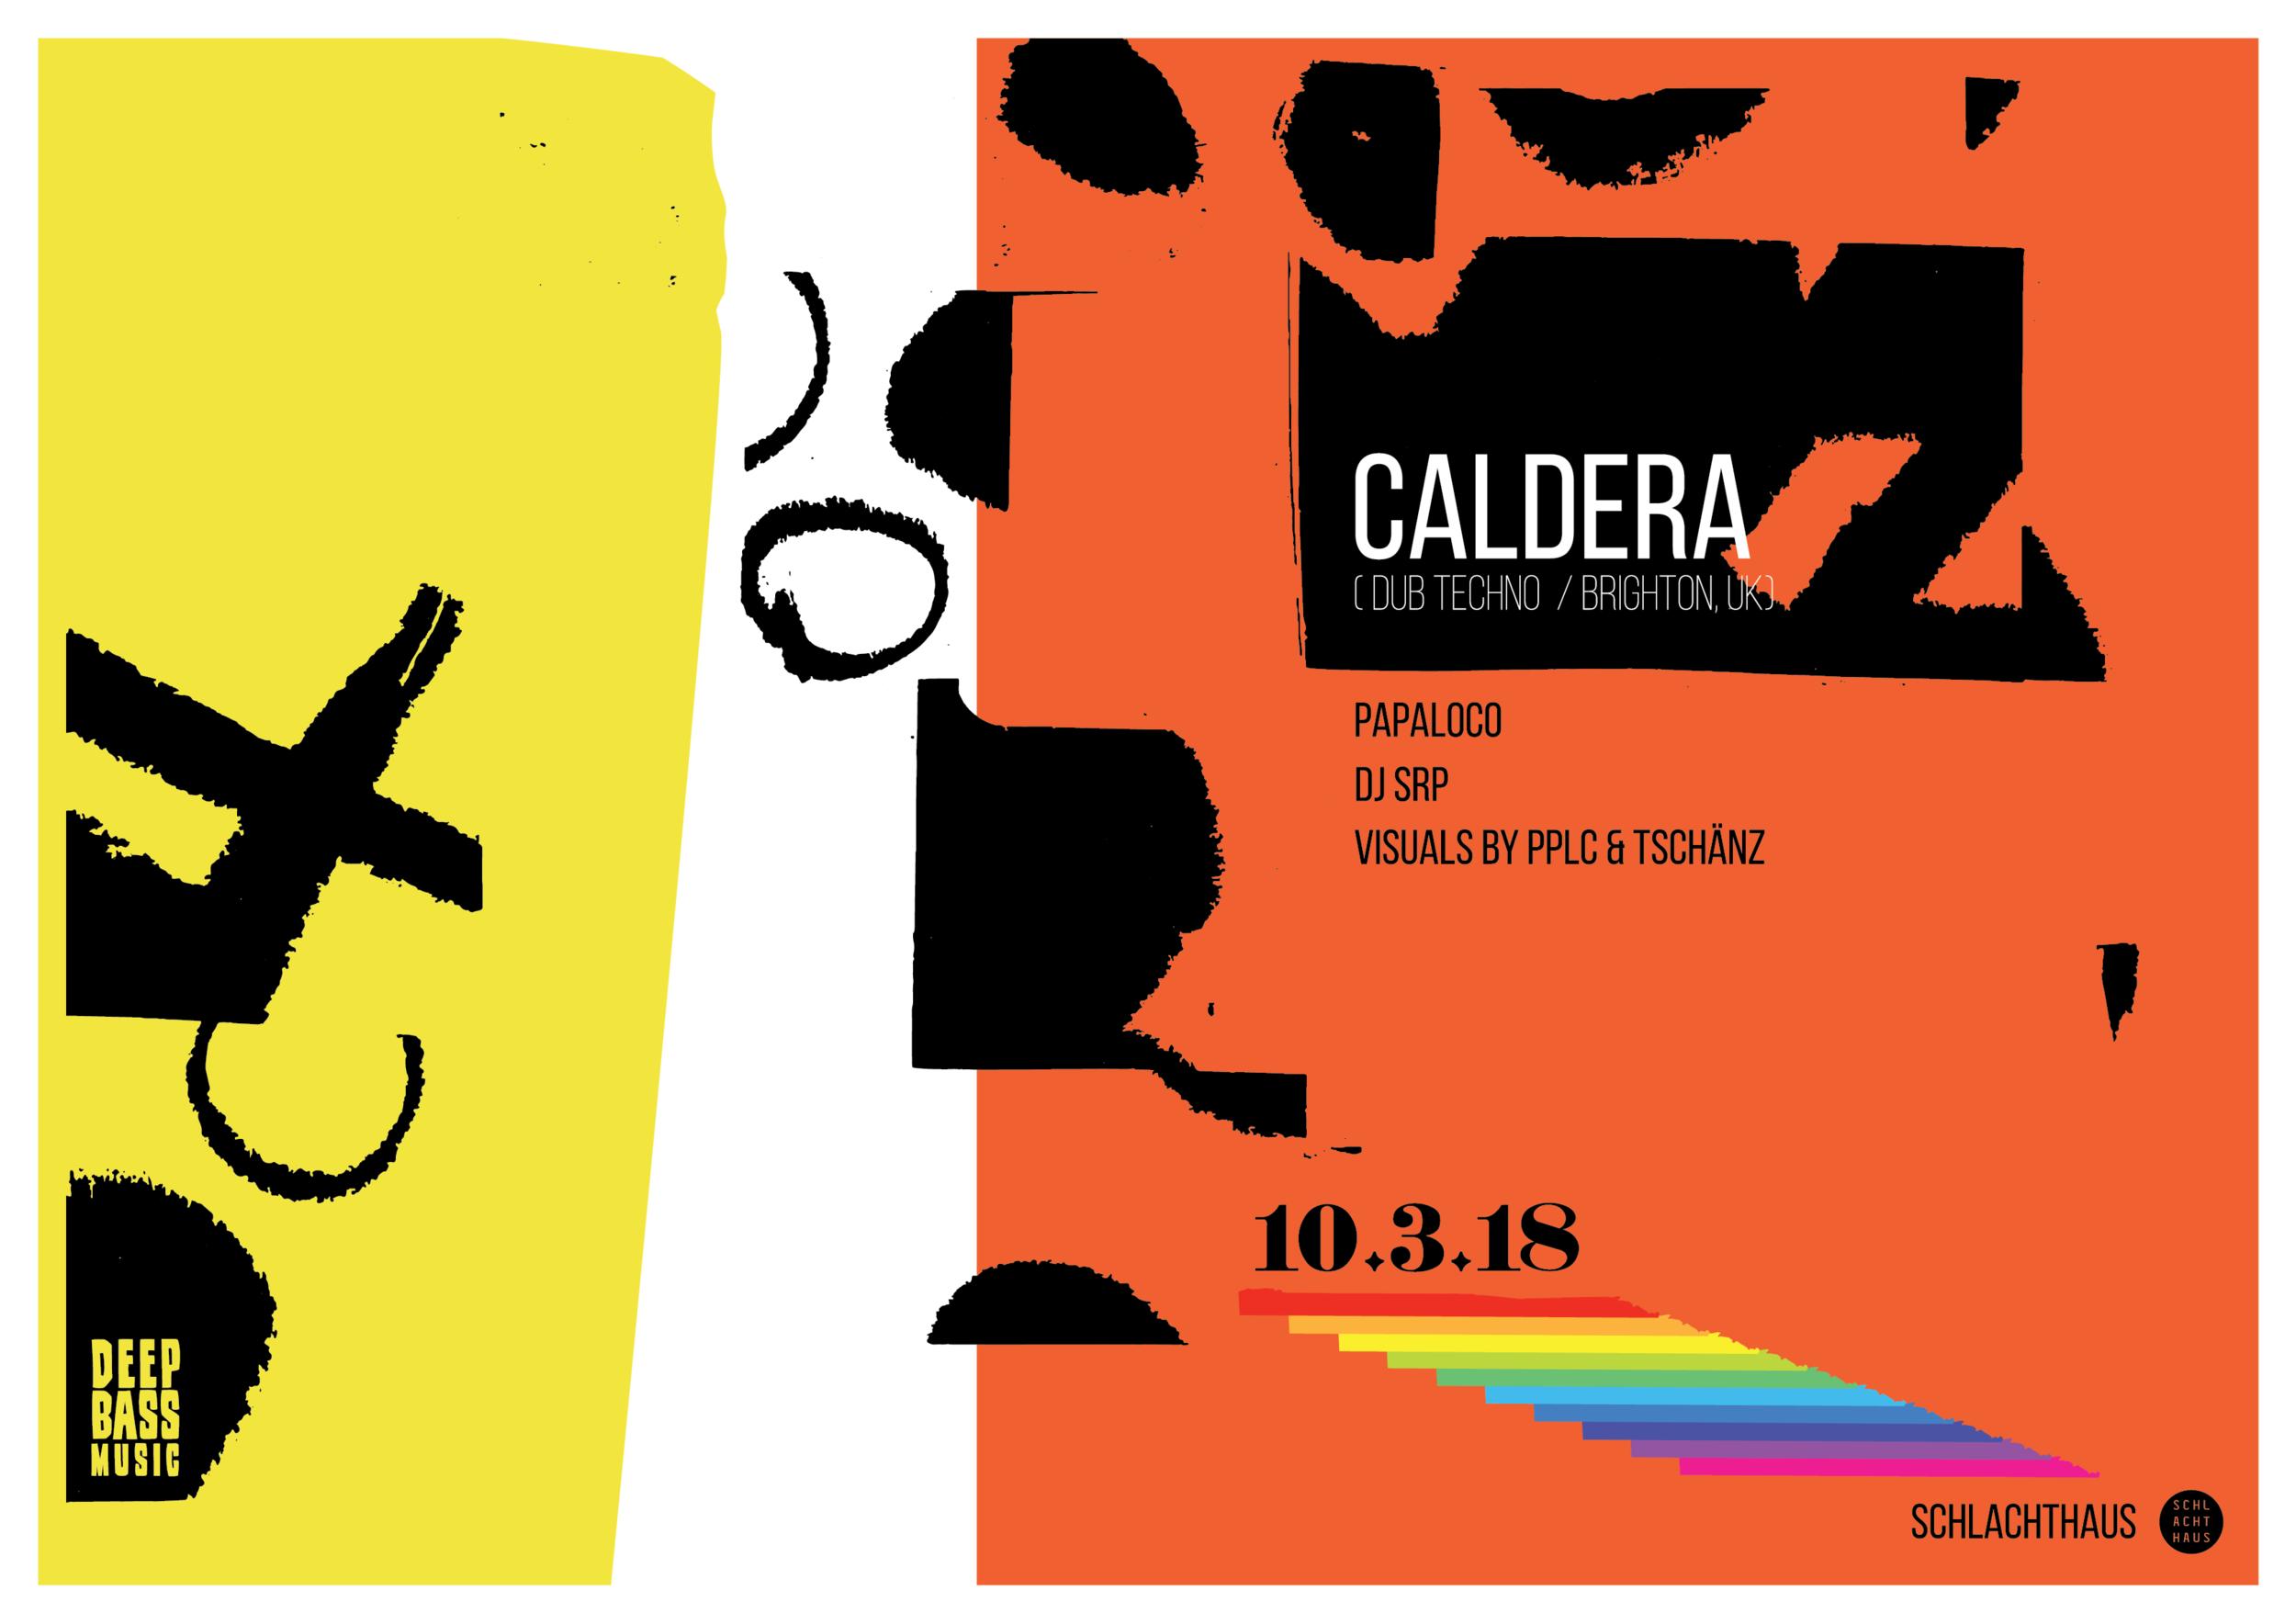 DeepBass-Caldera-Final@2x.png